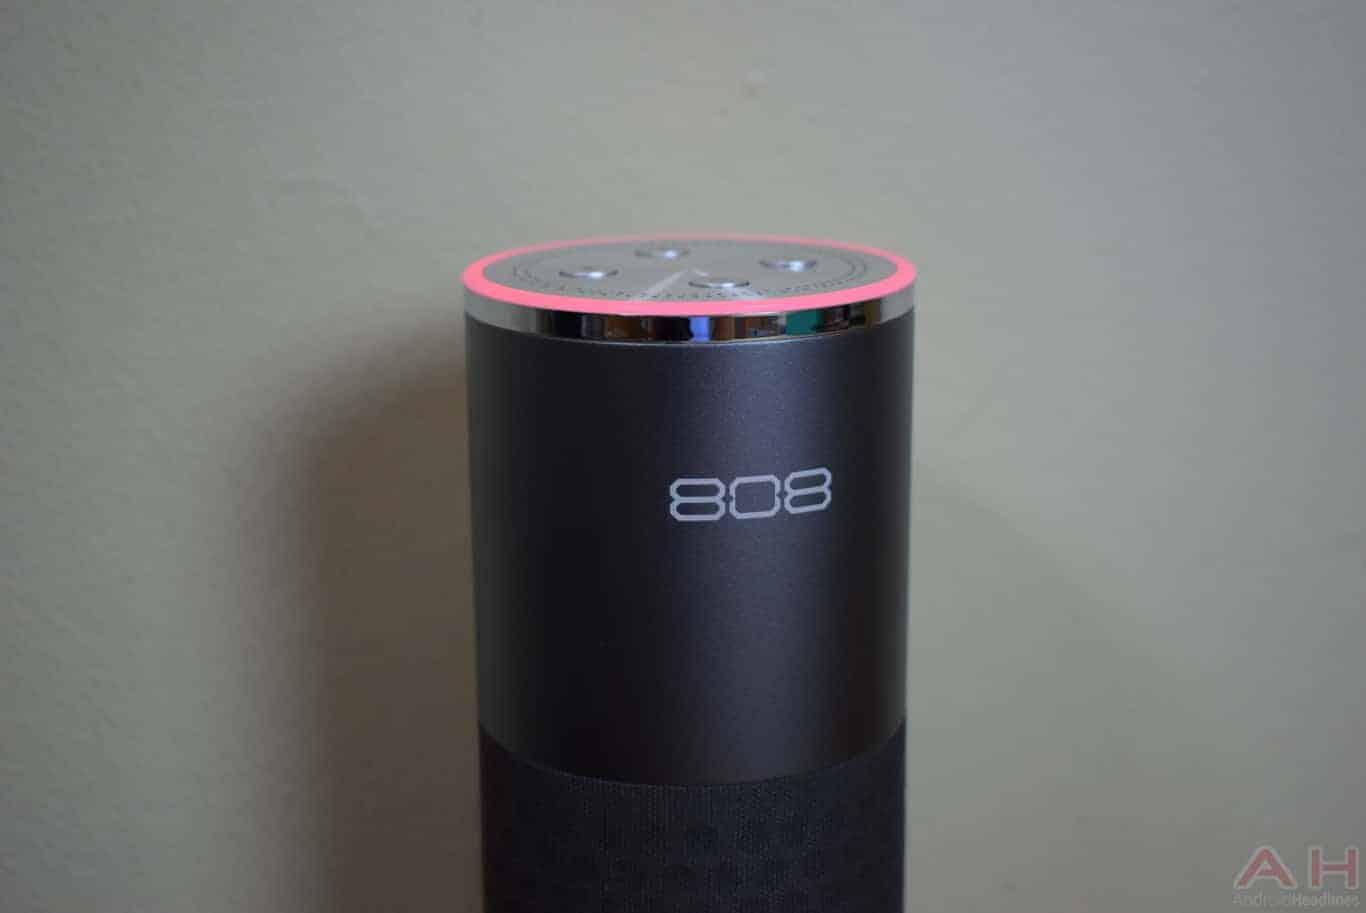 808 Audio XL V Review AM AH 9